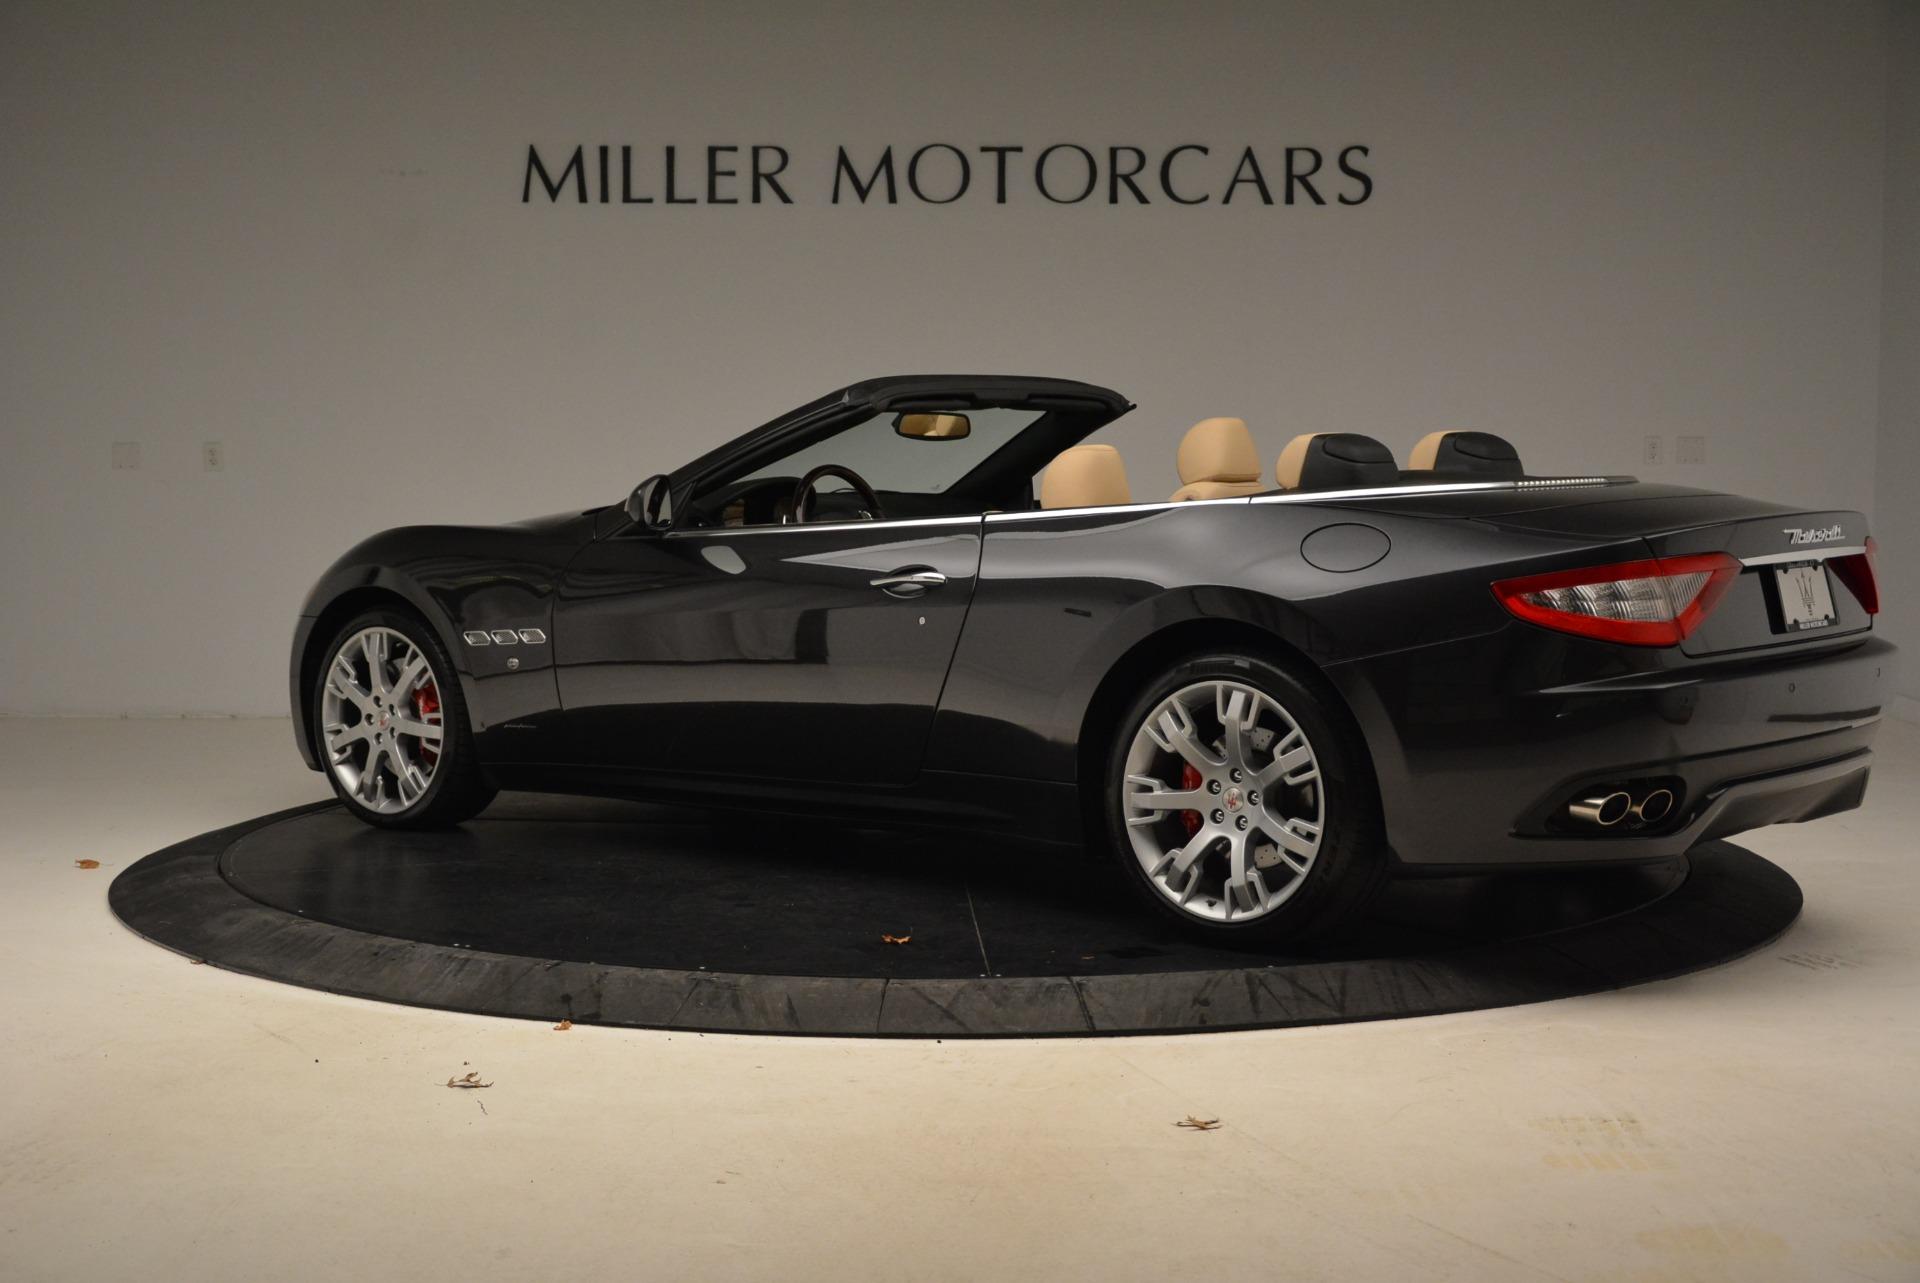 Used 2013 Maserati GranTurismo Convertible  For Sale In Greenwich, CT 2050_p4